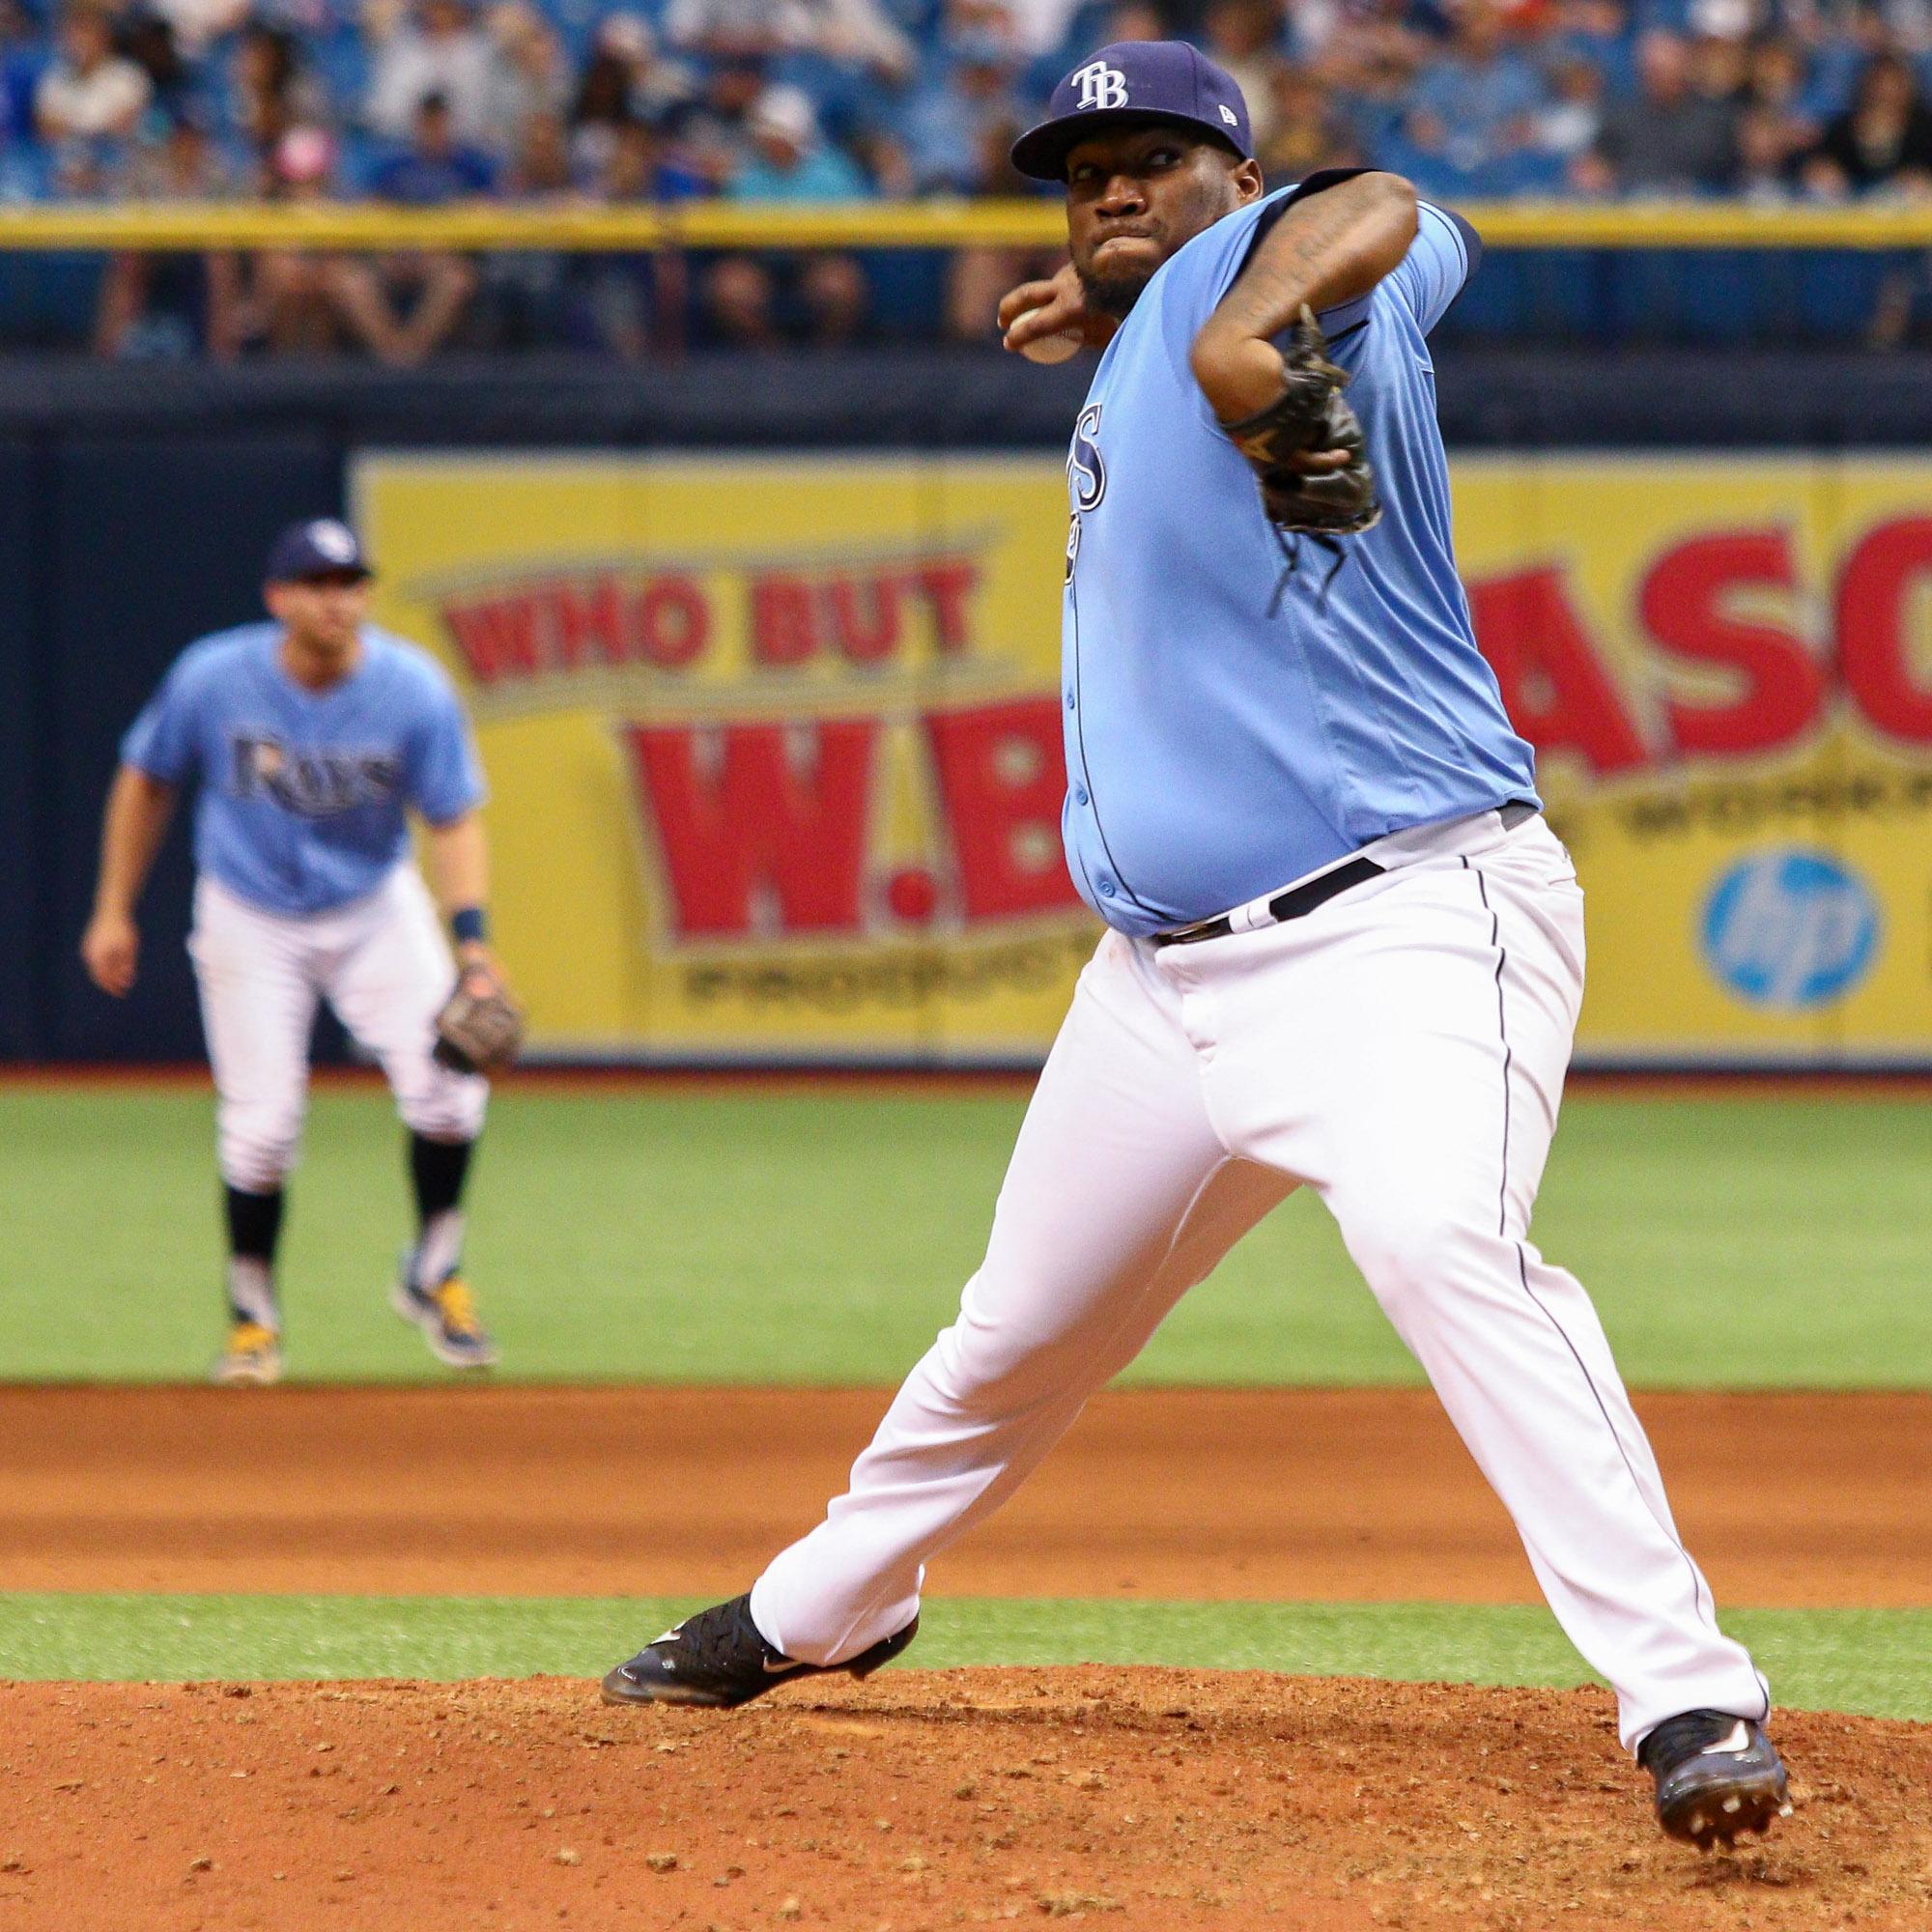 Jumbo Diaz has been sharp out of the bullpen./ANDREW J. KRAMER